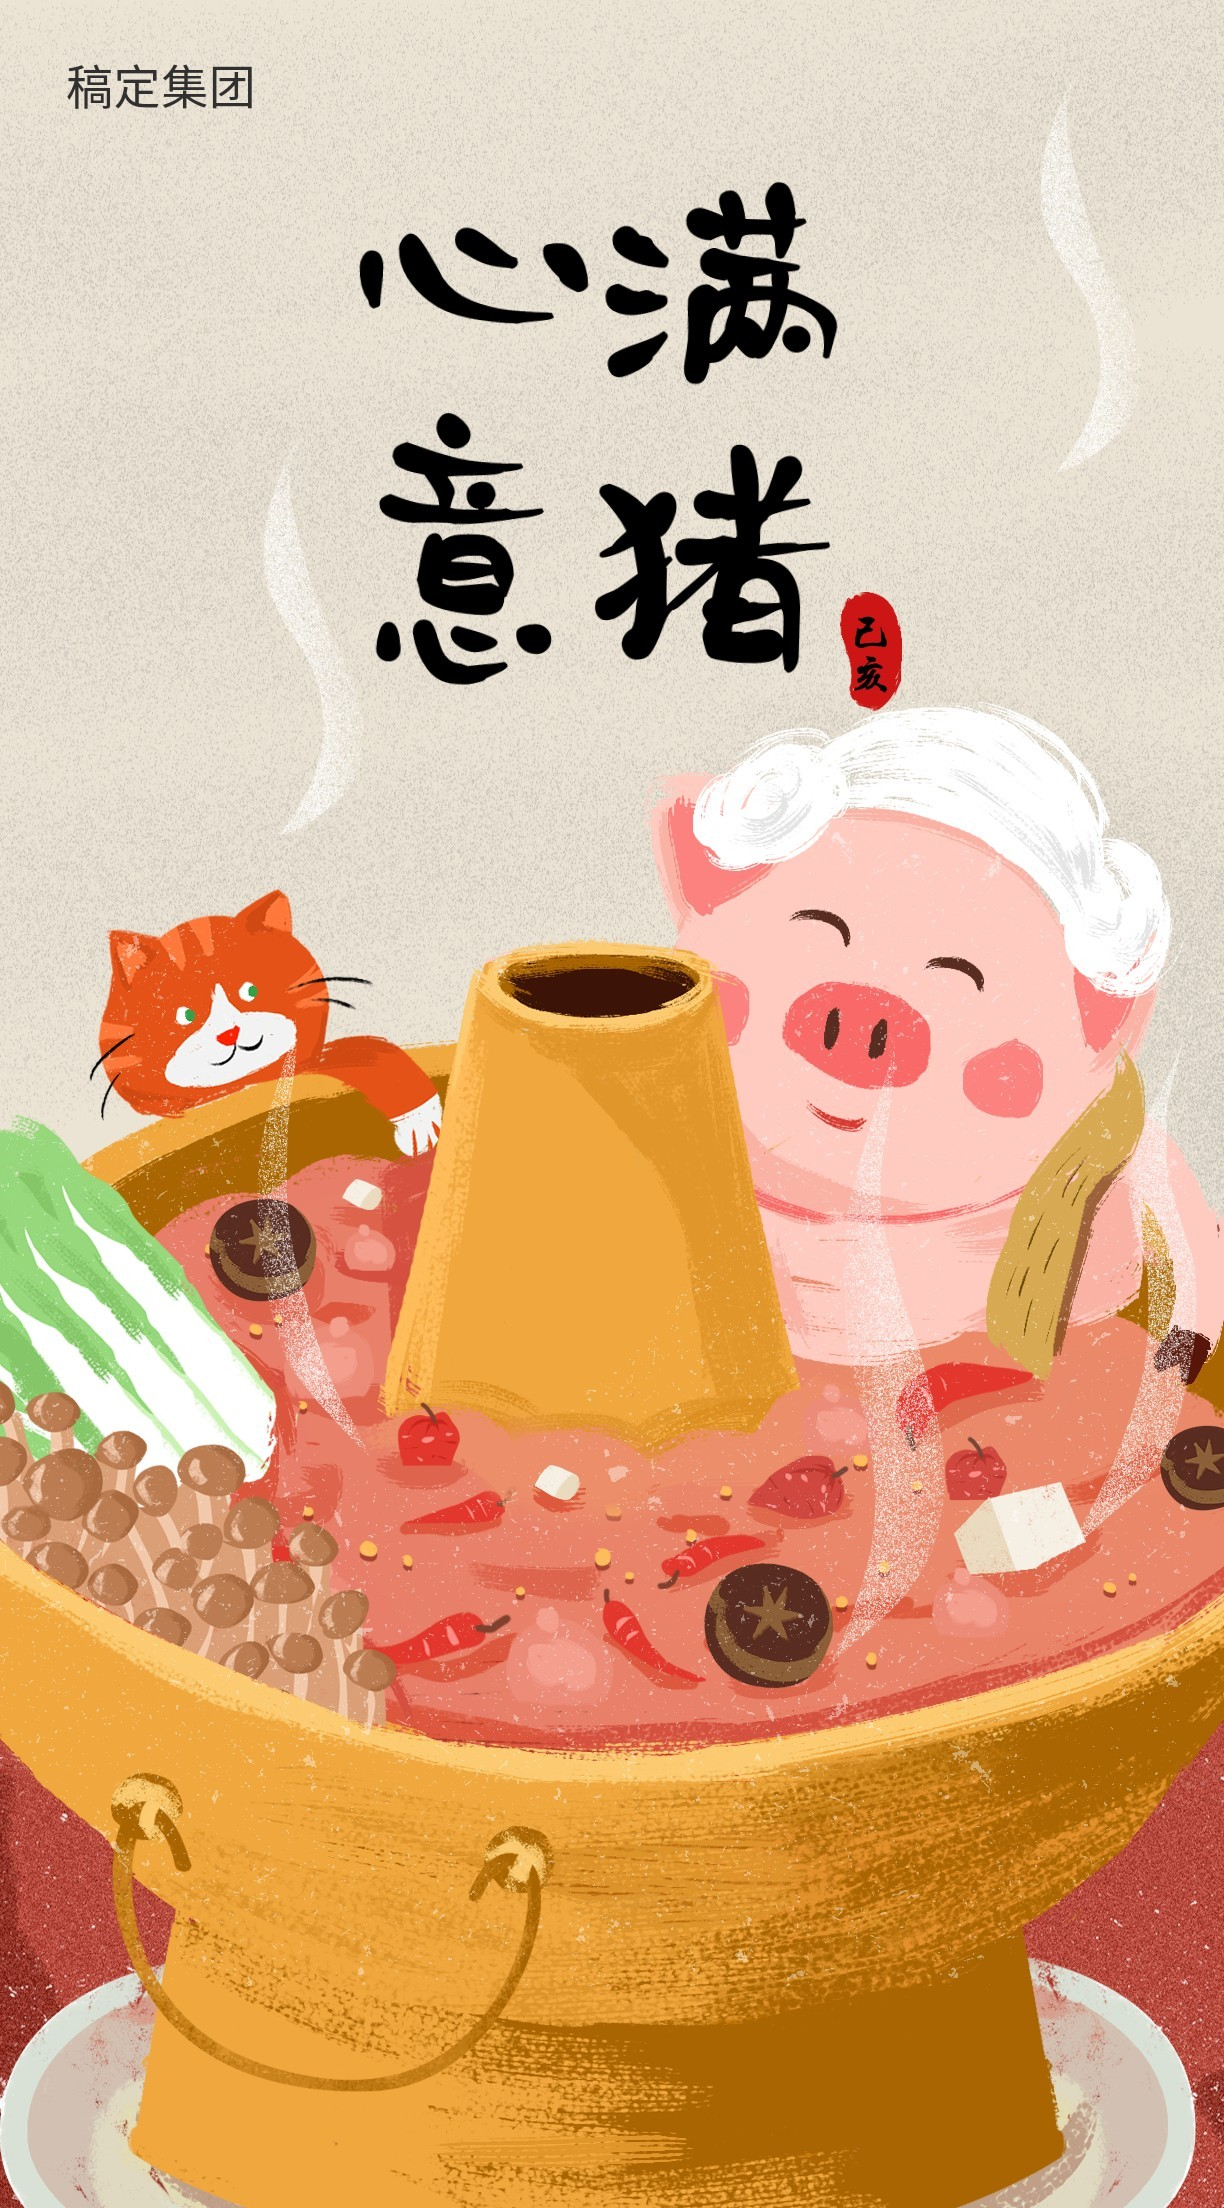 心满意猪猪年可印刷贺卡